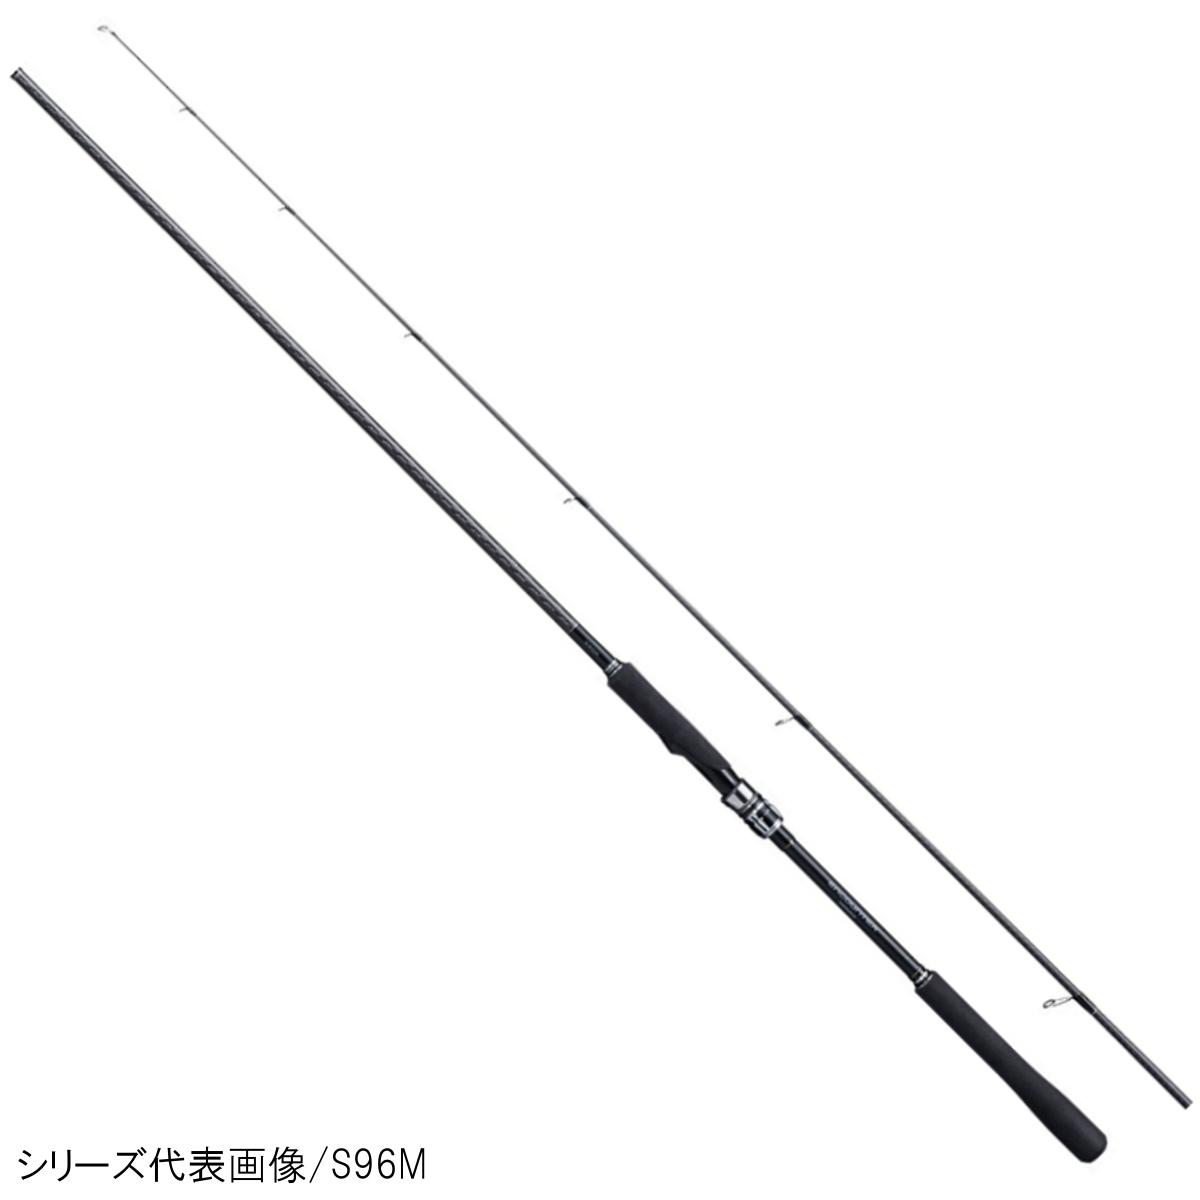 シマノ エンカウンター S96MH 大型商品 売却 他商品同時注文不可 新着 同梱不可